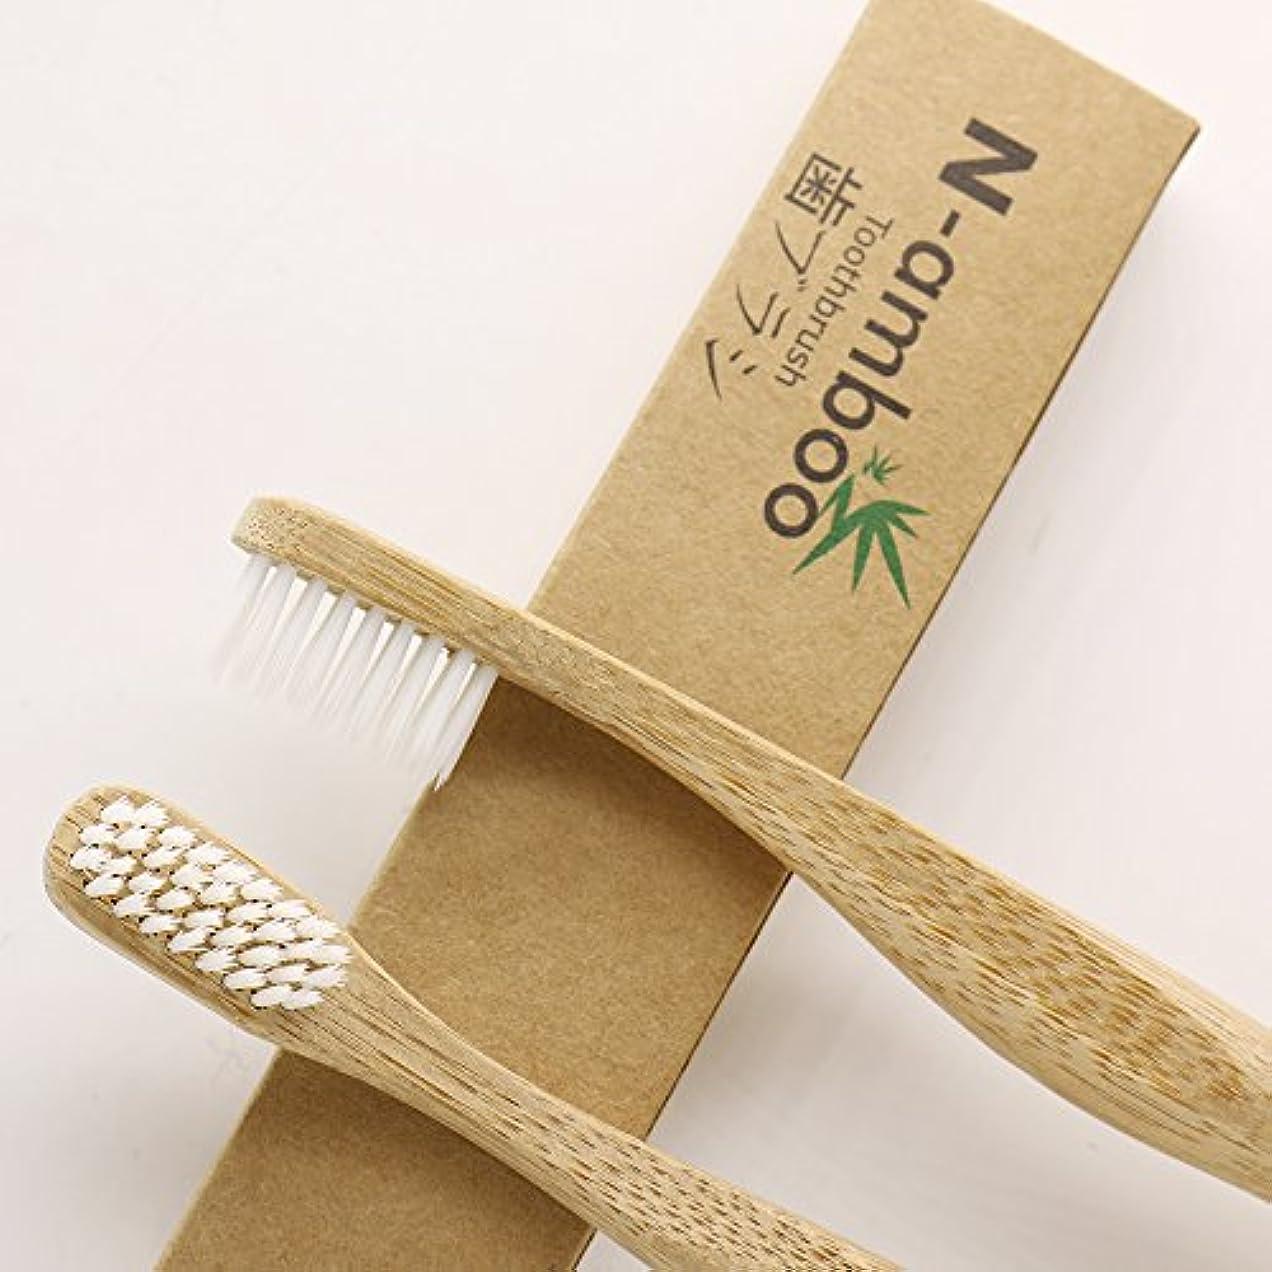 盲信土砂降りボイコットN-amboo 竹製耐久度高い 歯ブラシ 2本入り セット ハンドル握りやすい 白い